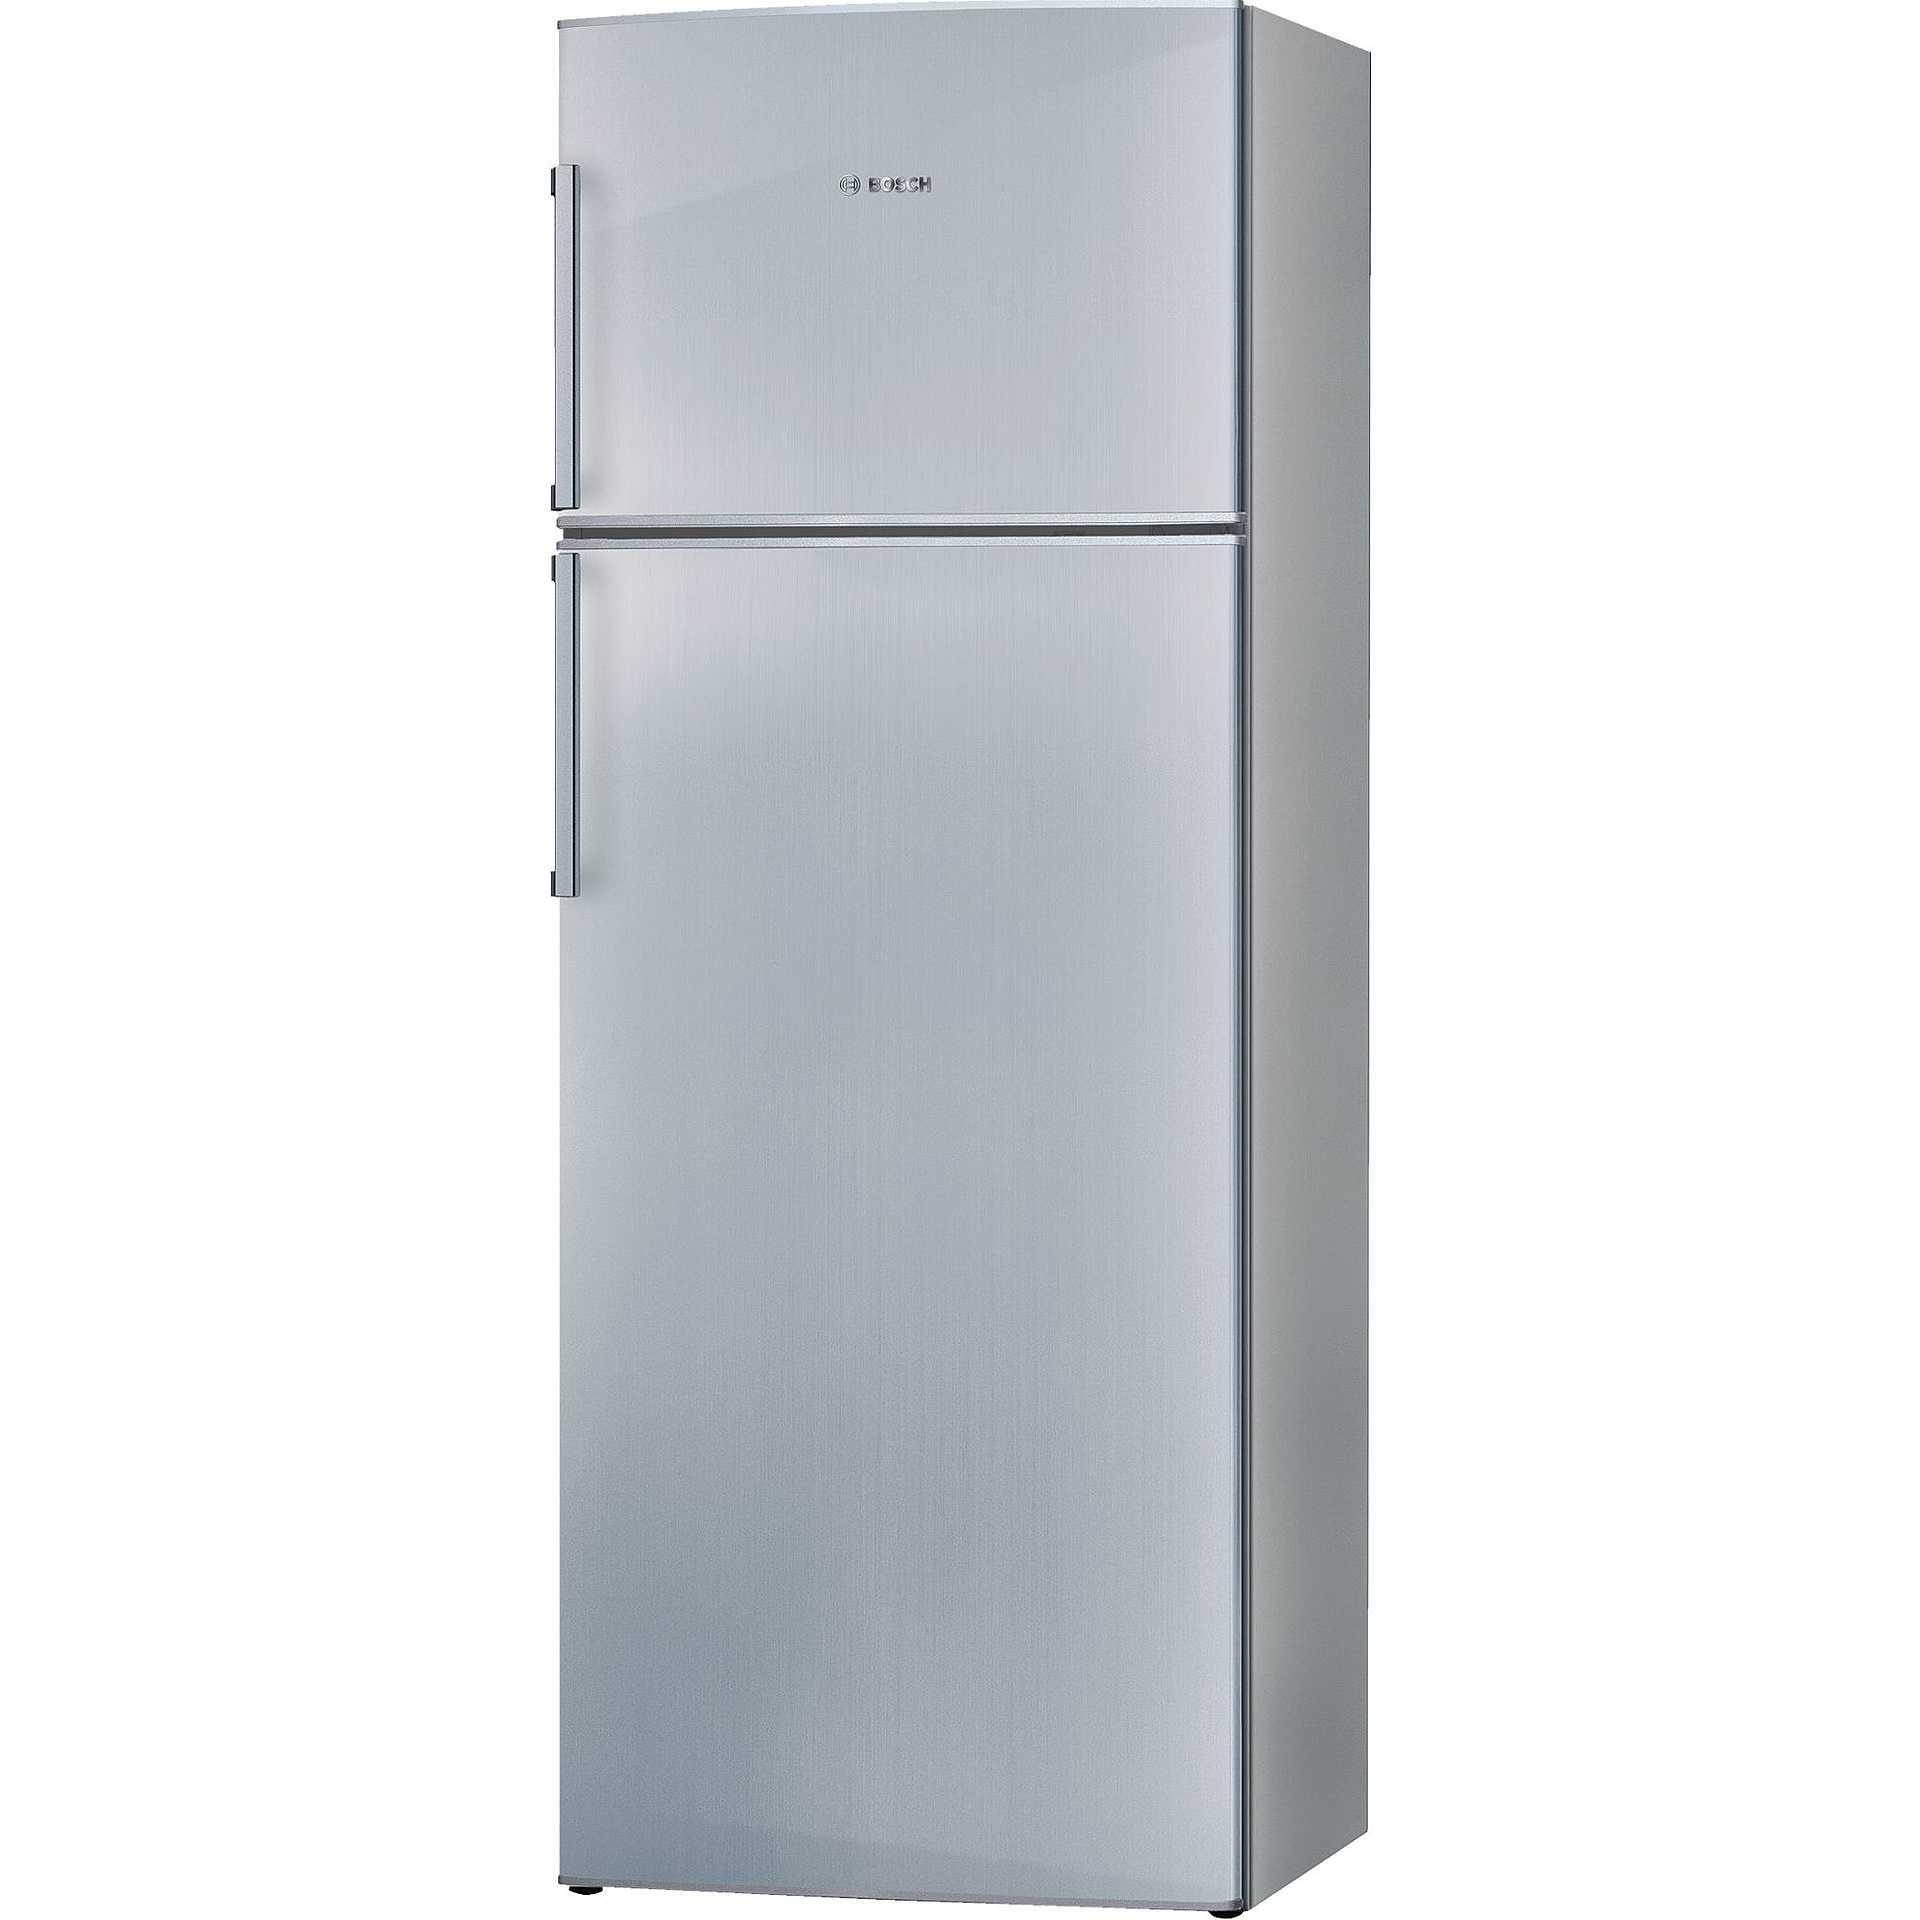 KDN46VL20 Bosch frigorifero doppia porta 371 litri classe A+ No ...